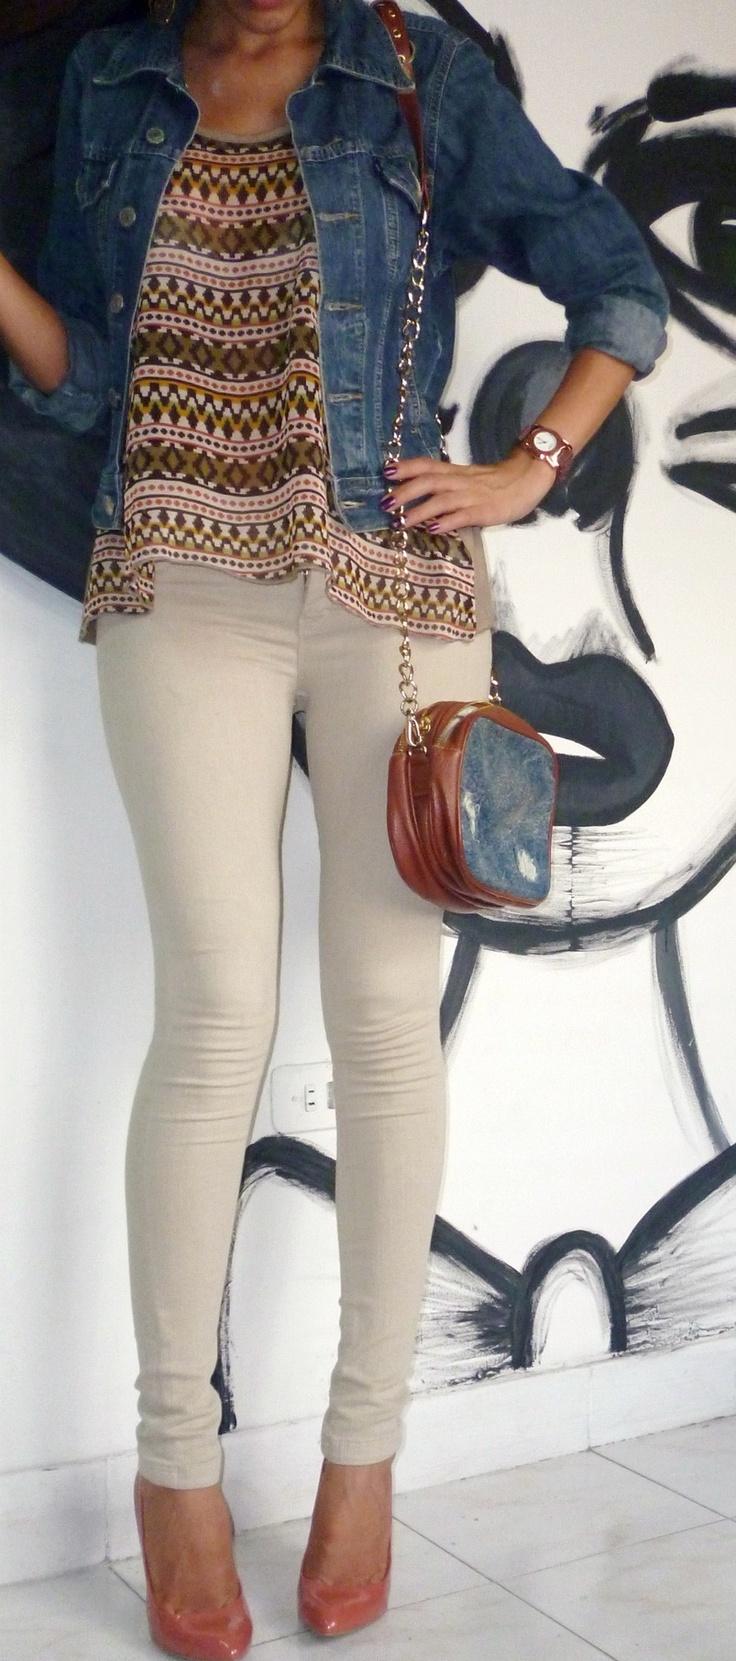 Americanino  Jackets, Studio F  Bags and Bershkabershka  Pants